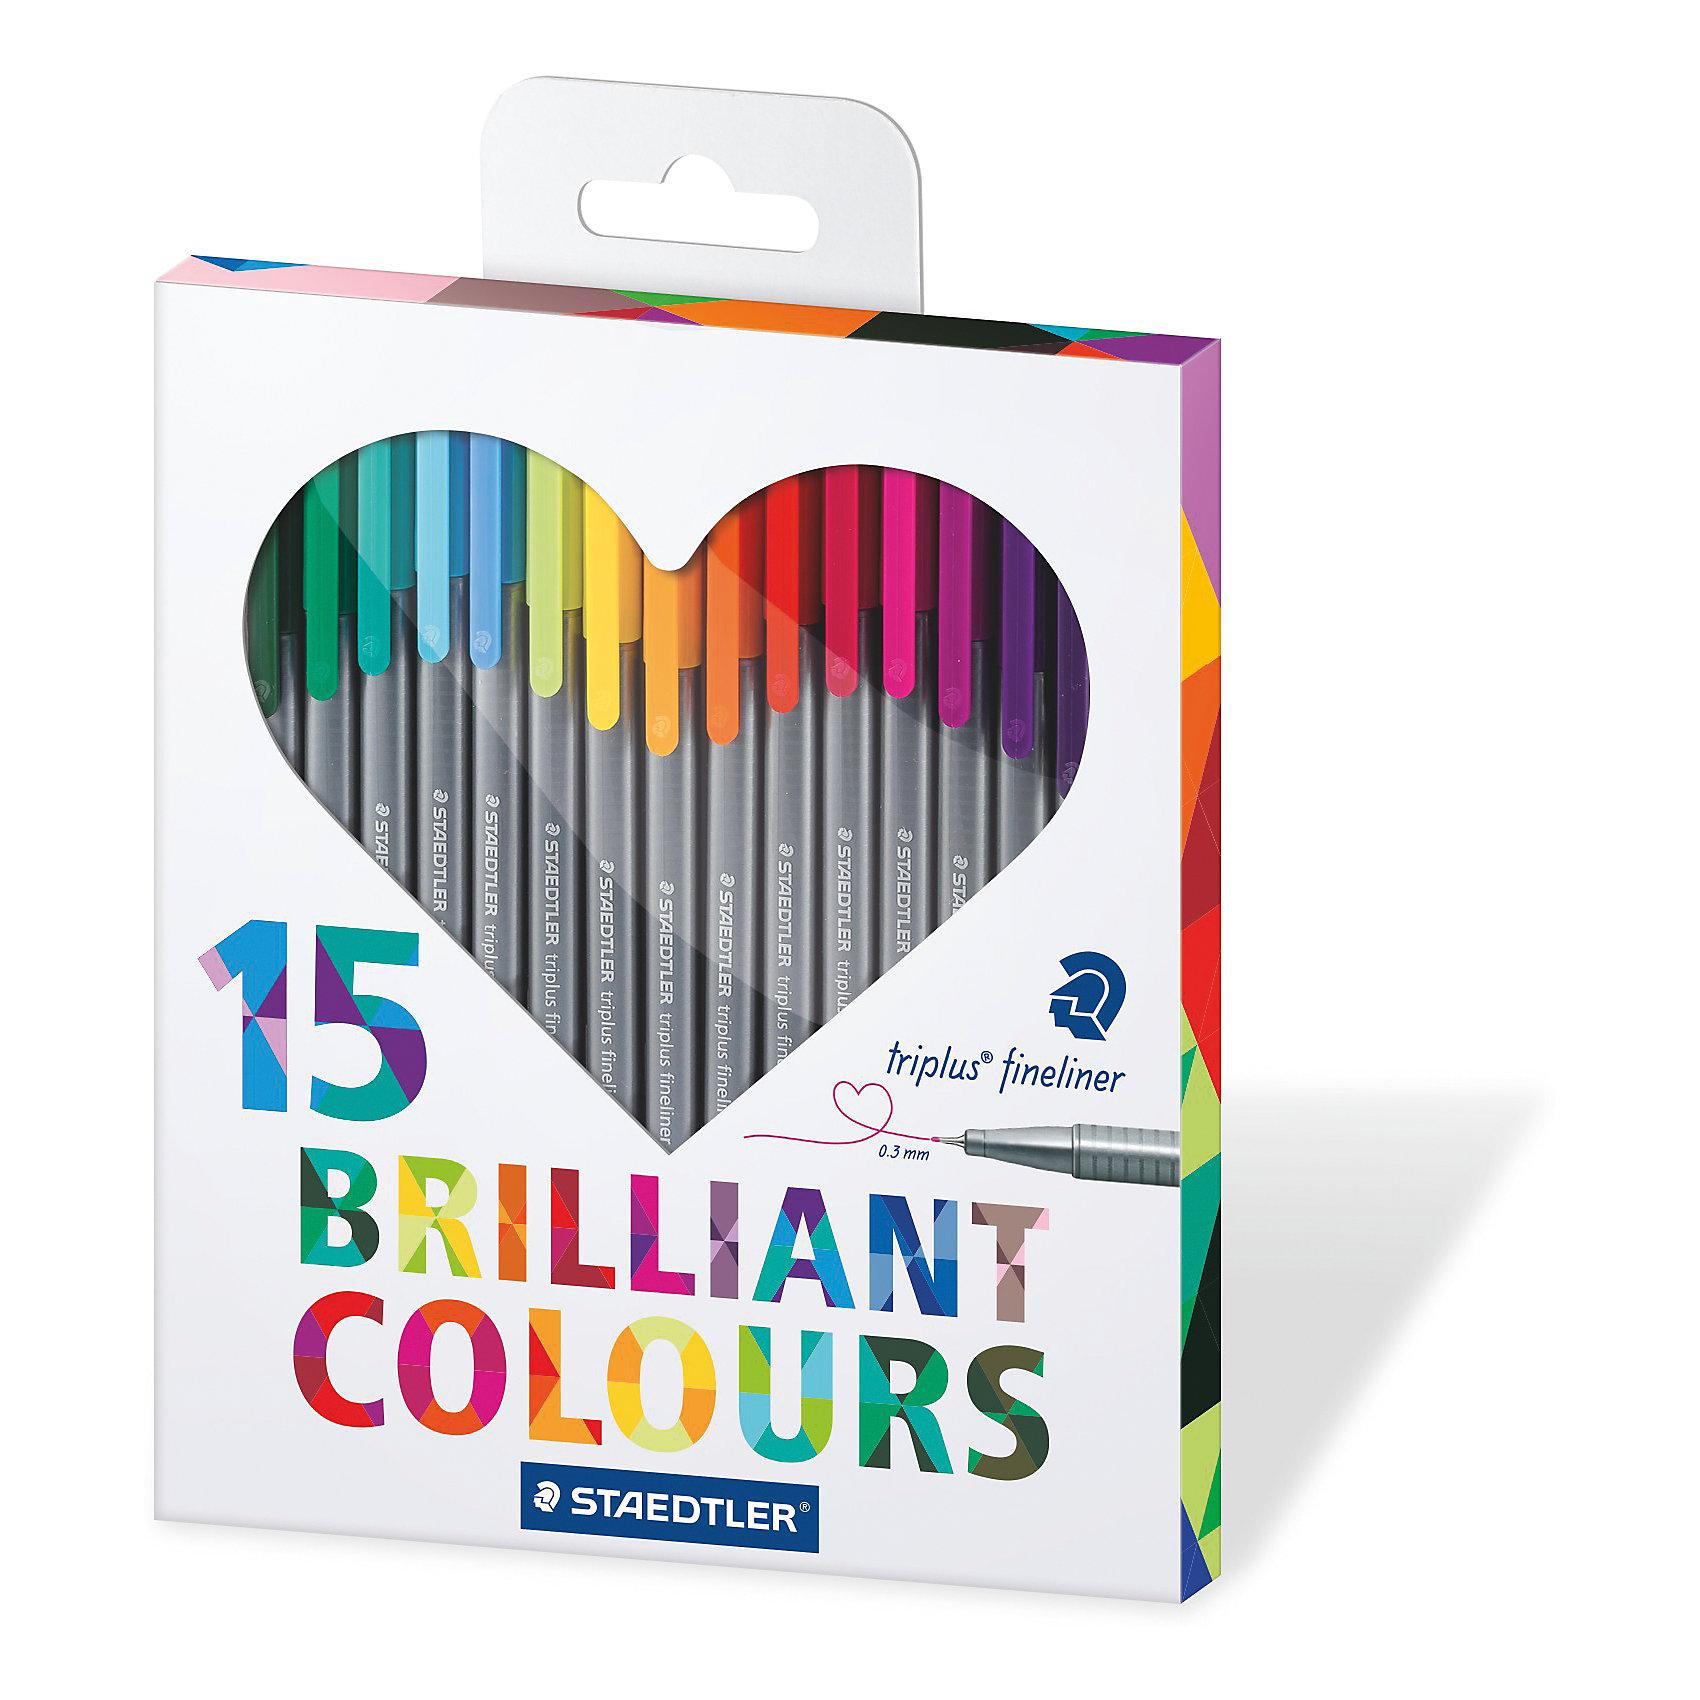 Набор капиллярных ручек Triplus, 15 цветов, StaedtlerПисьменные принадлежности<br>Набор капиллярных ручек Triplus, 15 цветов, Staedtler (Штедлер).<br><br>Характеристики:<br><br>• Для детей в возрасте: от 5 лет<br>• В наборе: 15 разноцветных ручек<br>• Яркие цвета<br>• Цвет чернил соответствует цвету колпачка и заглушки<br>• Чернила на водной основе<br>• Отстирывается с большинства тканей<br>• Материал корпуса: полипропилен<br>• Толщина линии: 0,3 мм.<br>• Упаковка: картонная коробка с европодвесом<br>• Размер упаковки: 205х171х15 мм.<br>• Вес: 196 гр.<br><br>Набор трехгранных капиллярных ручек Triplus ® fineliner в картонной упаковке с европодвесом идеально подходит как для письма и работы с документами, так и для творчества. Эргономичная форма обеспечивает комфортное письмо без усилий и усталости. Супертонкий и особо прочный металлический наконечник гарантирует мягкое и плавное письмо. Уникальная система позволяет оставлять ручку без колпачка на несколько дней без угрозы высыхания (тест ISO). Корпус из полипропилена и большой запас чернил гарантирует долгий срок службы.<br><br>Набор капиллярных ручек Triplus, 15 цветов, Staedtler (Штедлер) можно купить в нашем интернет-магазине.<br><br>Ширина мм: 207<br>Глубина мм: 170<br>Высота мм: 150<br>Вес г: 200<br>Возраст от месяцев: 60<br>Возраст до месяцев: 2147483647<br>Пол: Унисекс<br>Возраст: Детский<br>SKU: 5529998